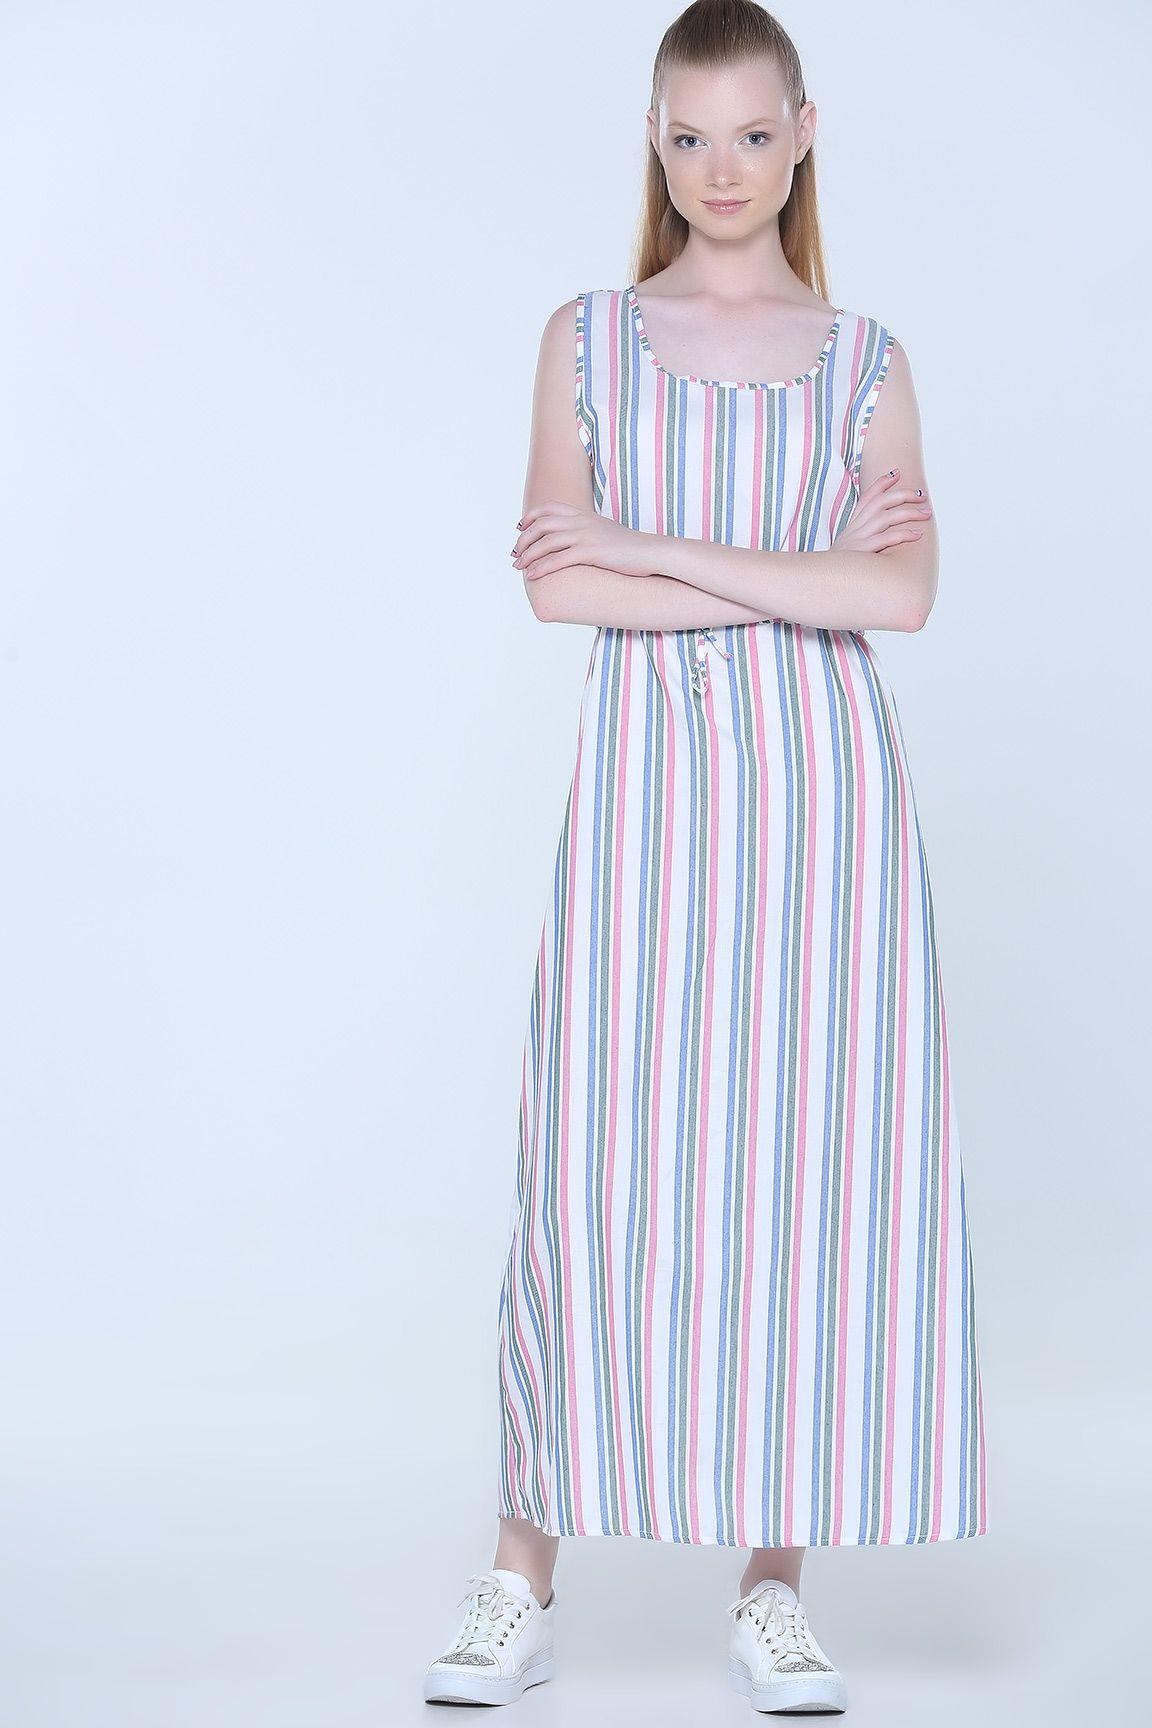 Haki Cizgili Elbise Elbise Cizgili Elbise Elbise Modelleri